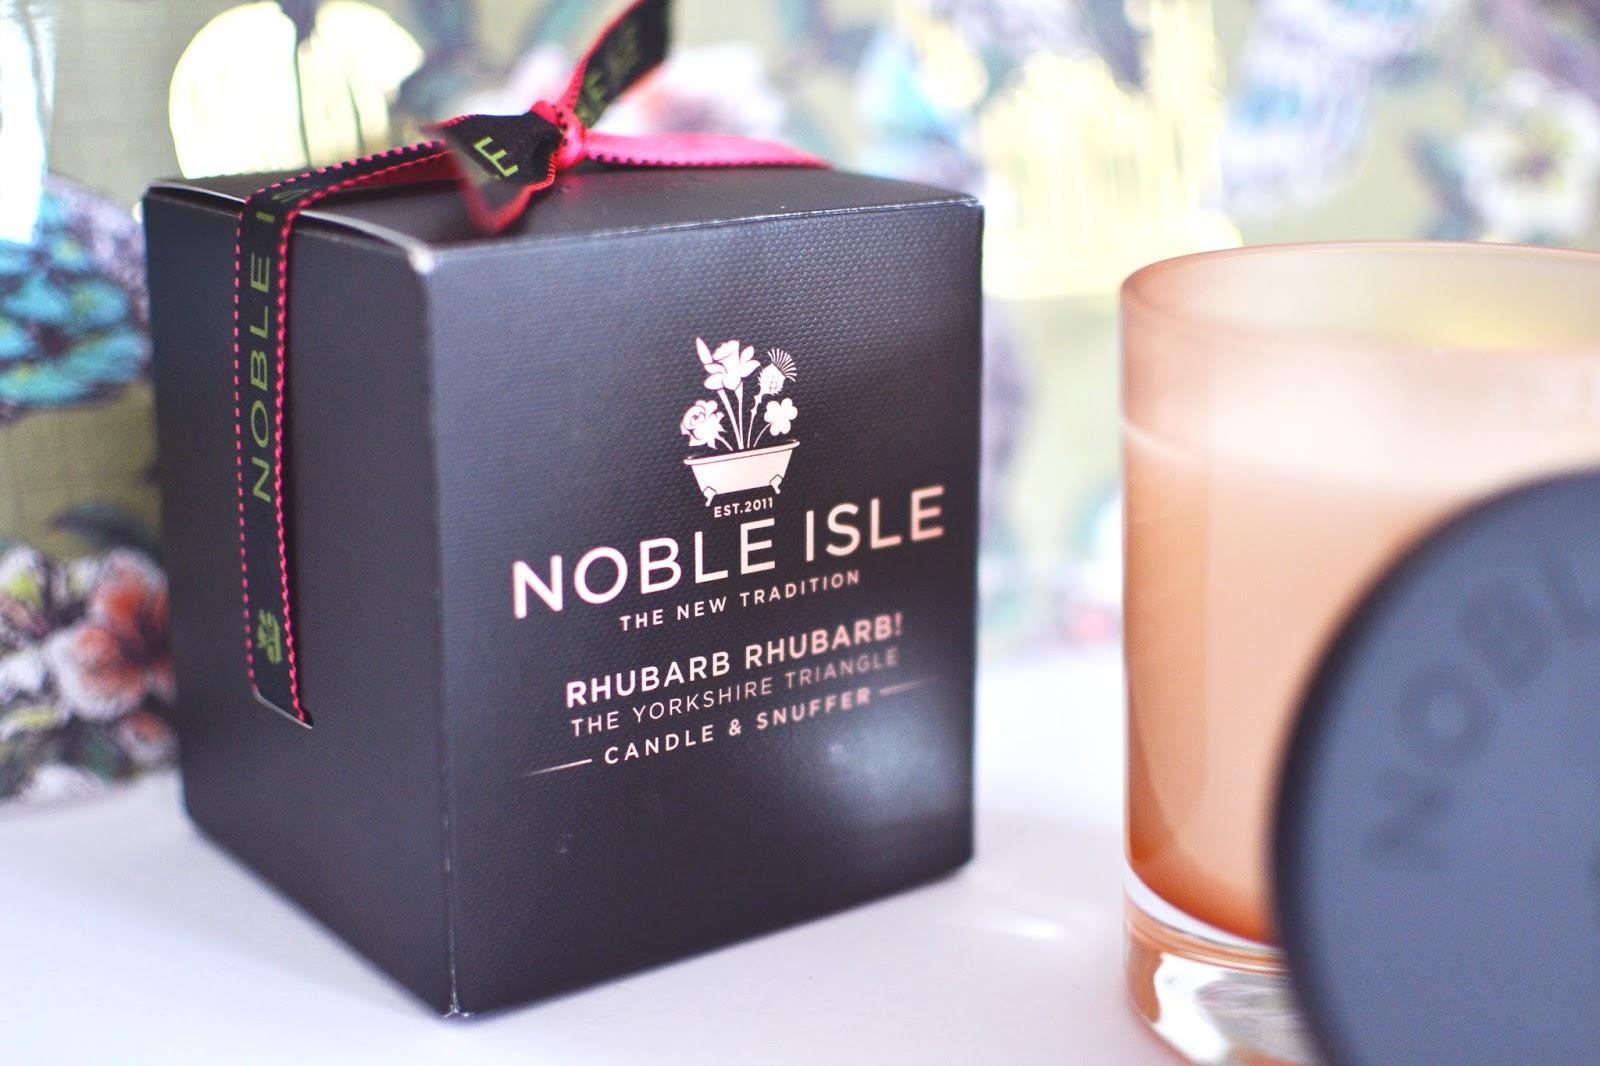 Noble Isle candle